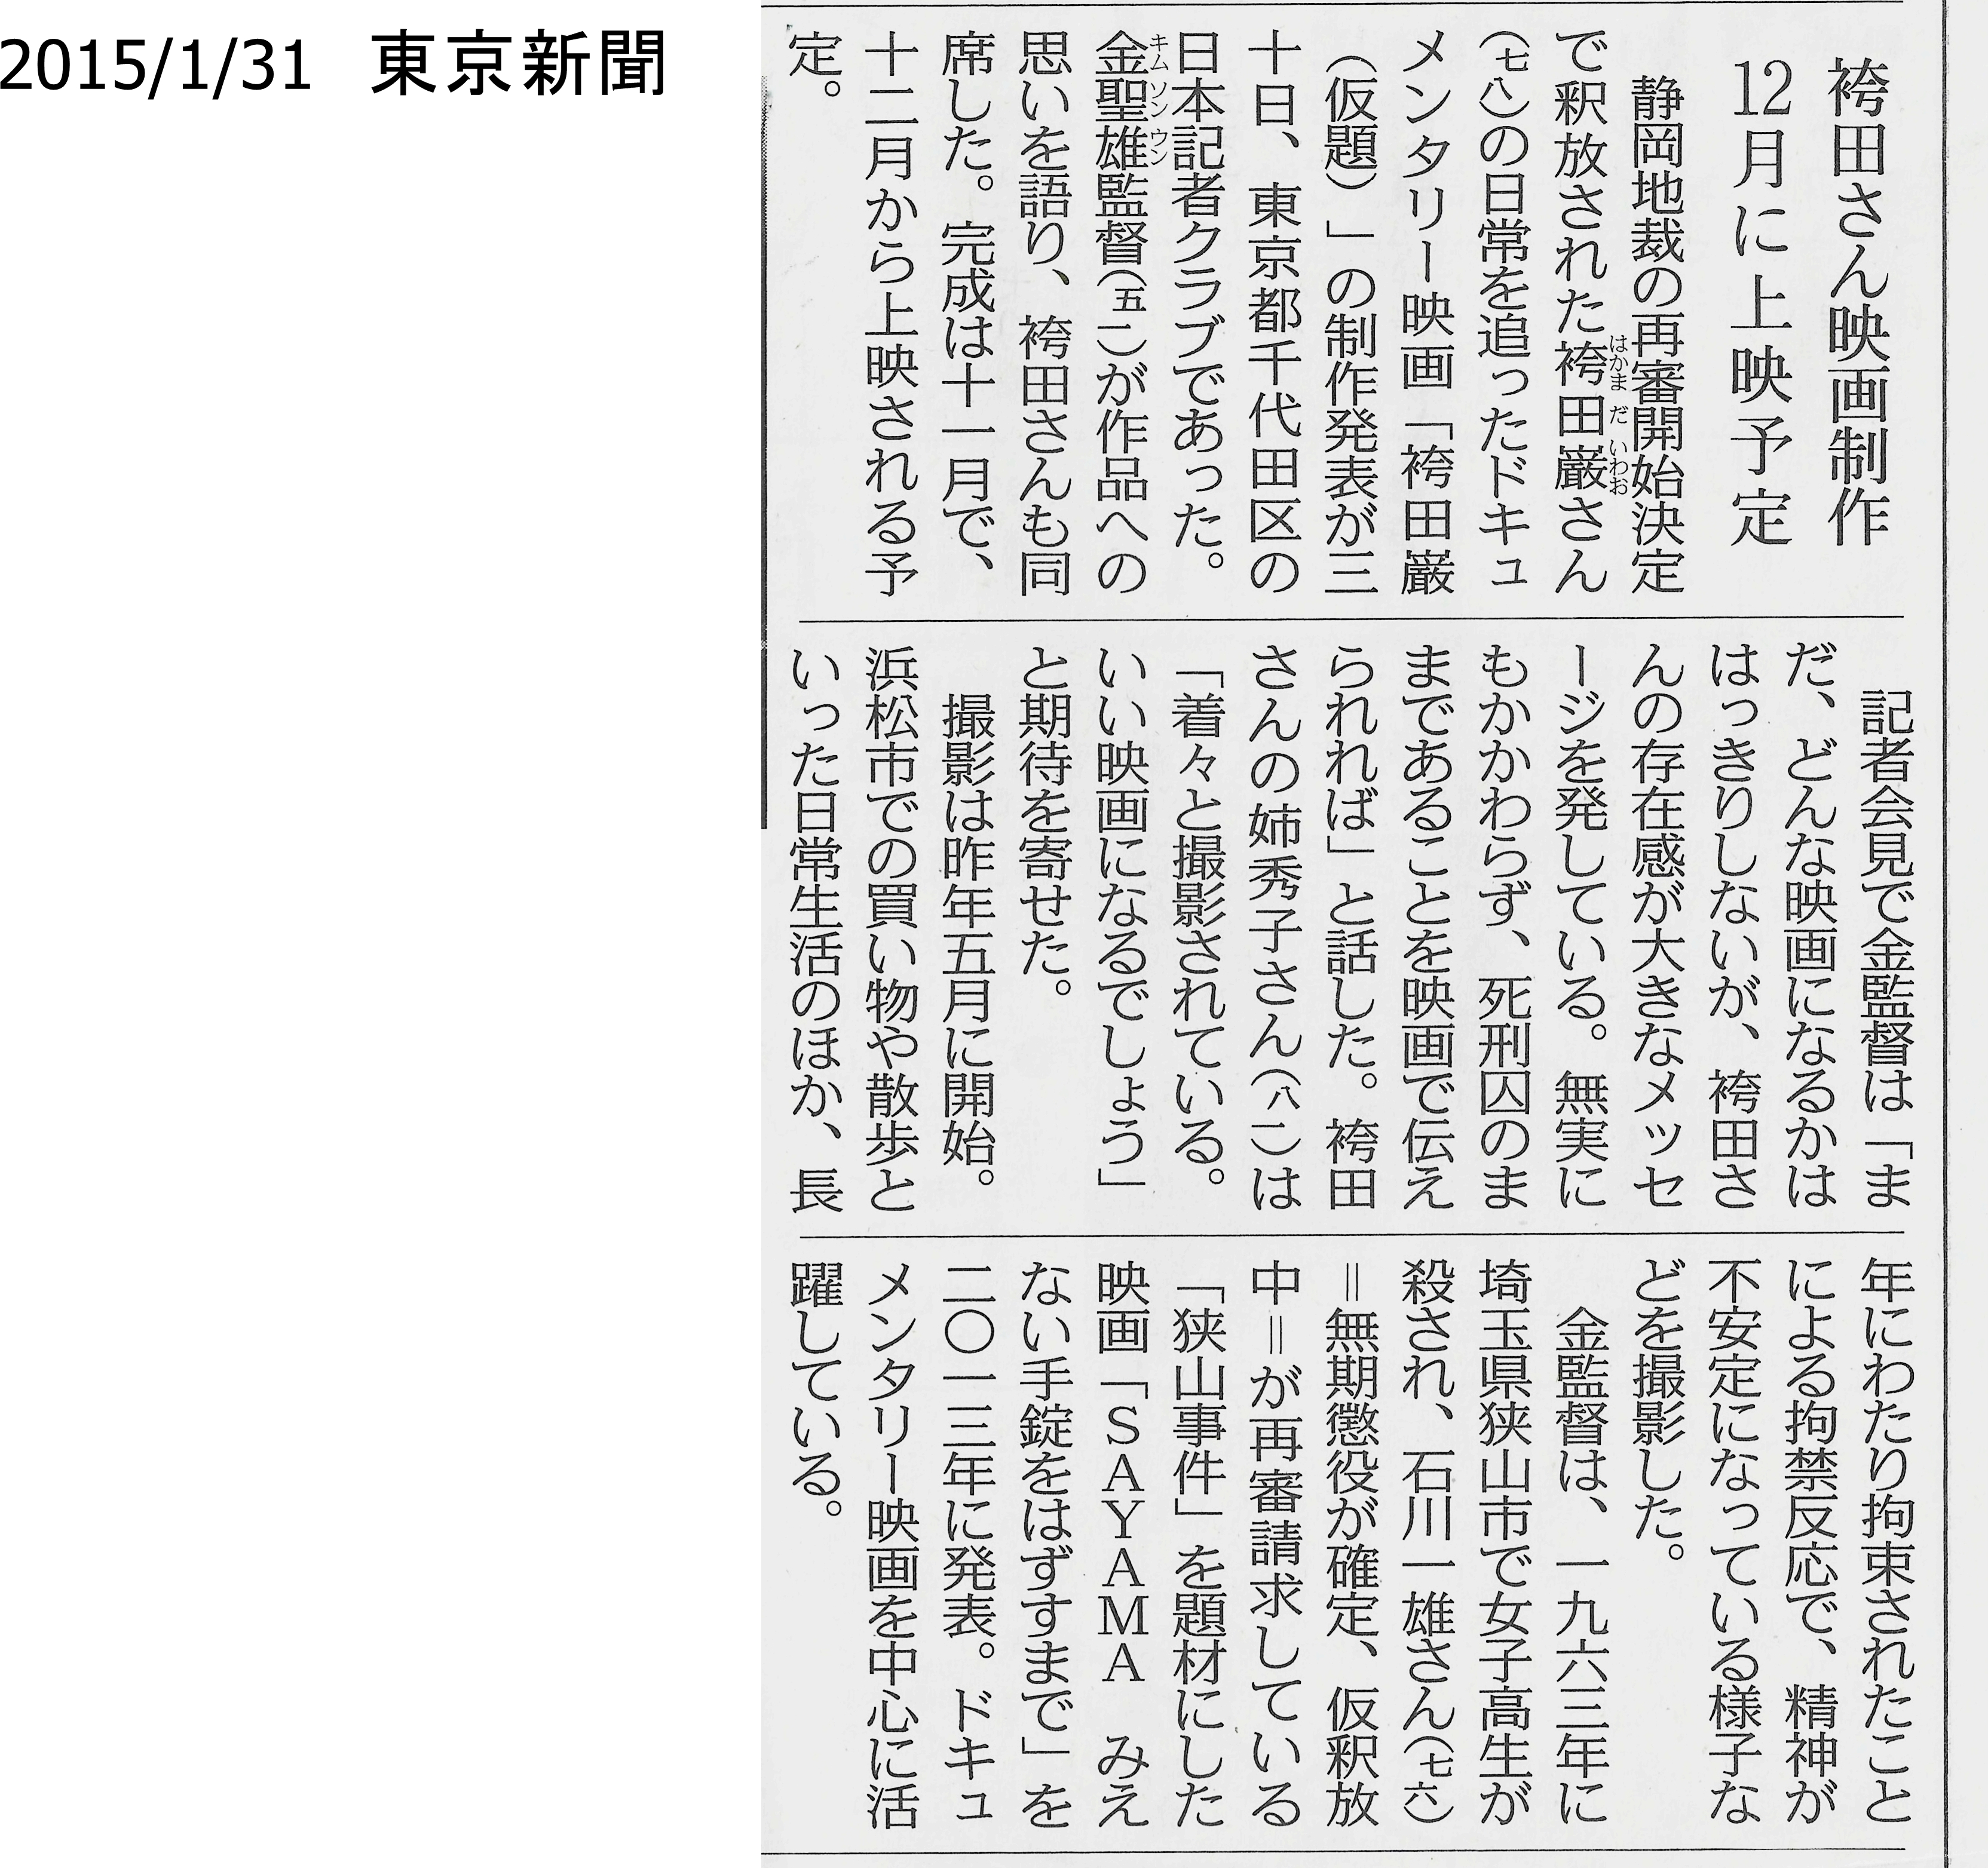 2015.01.31 東京新聞